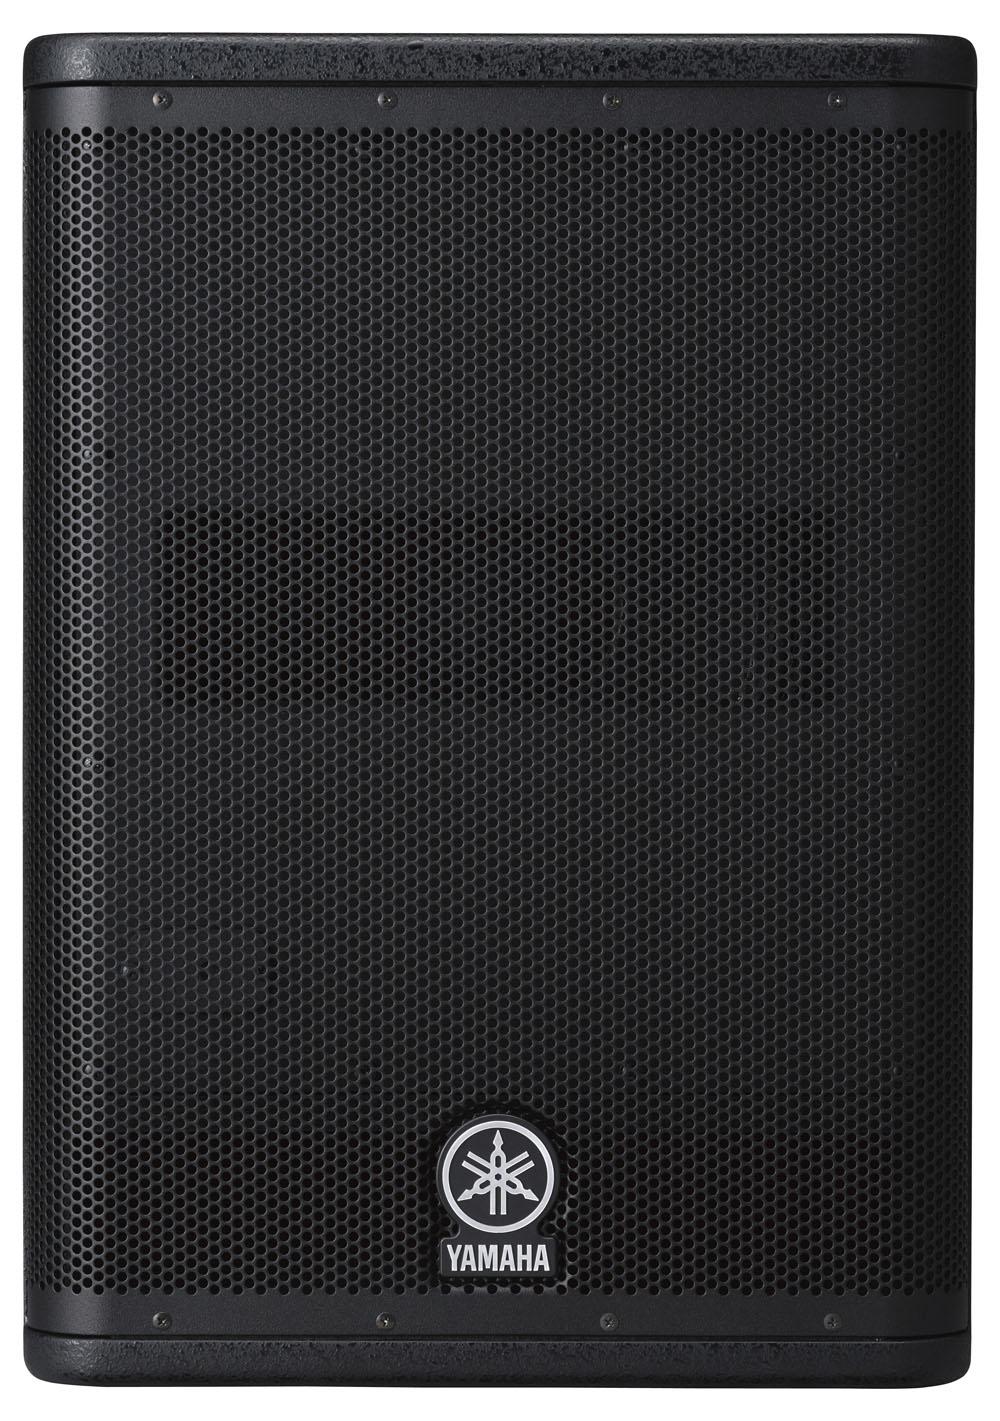 Yamaha dxs12 active pa subwoofer speaker 12 600w for Yamaha dxs12 specs